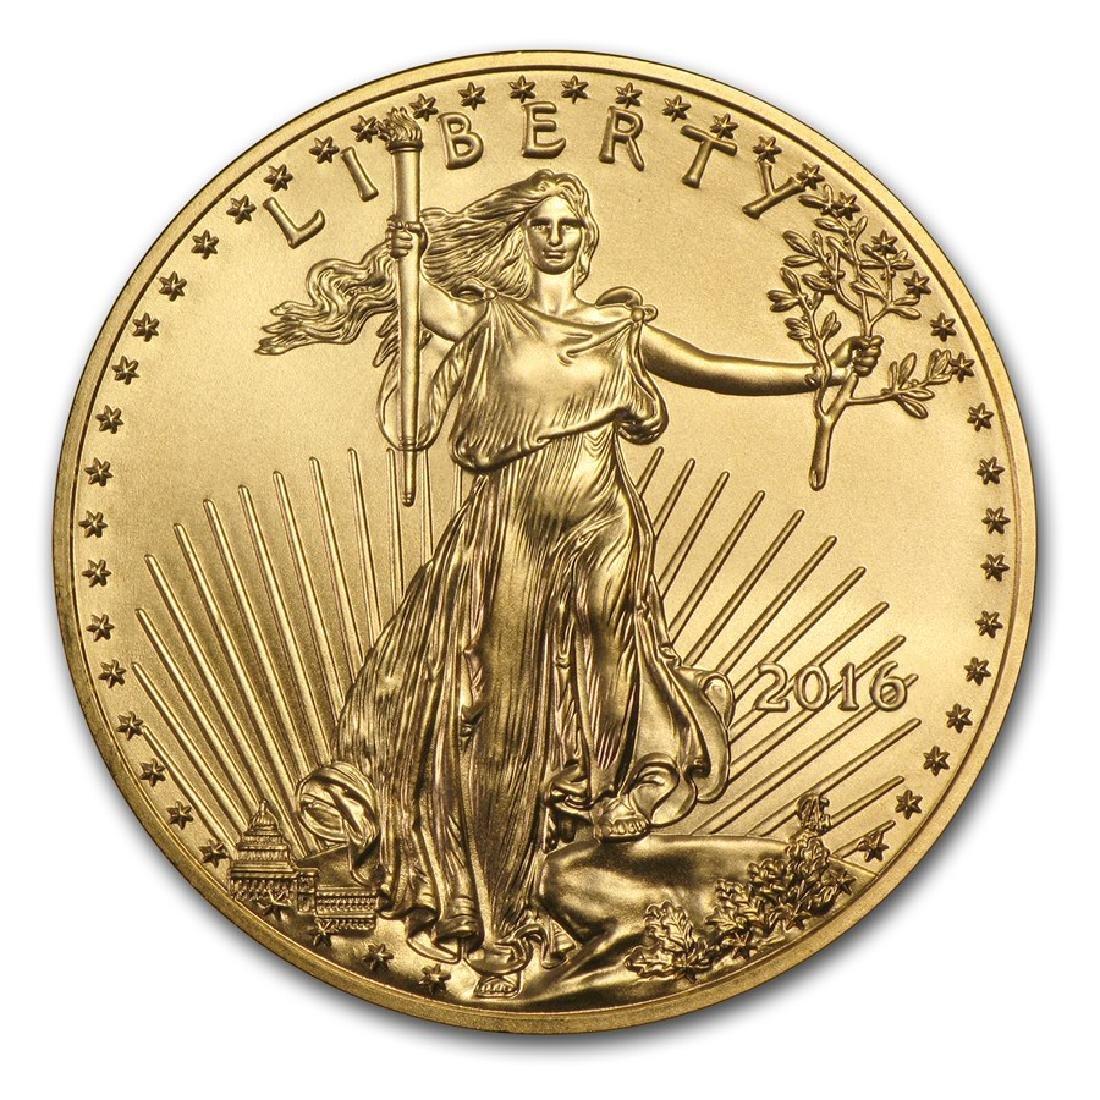 2016 $50 American Eagle 1 oz Gold Coin